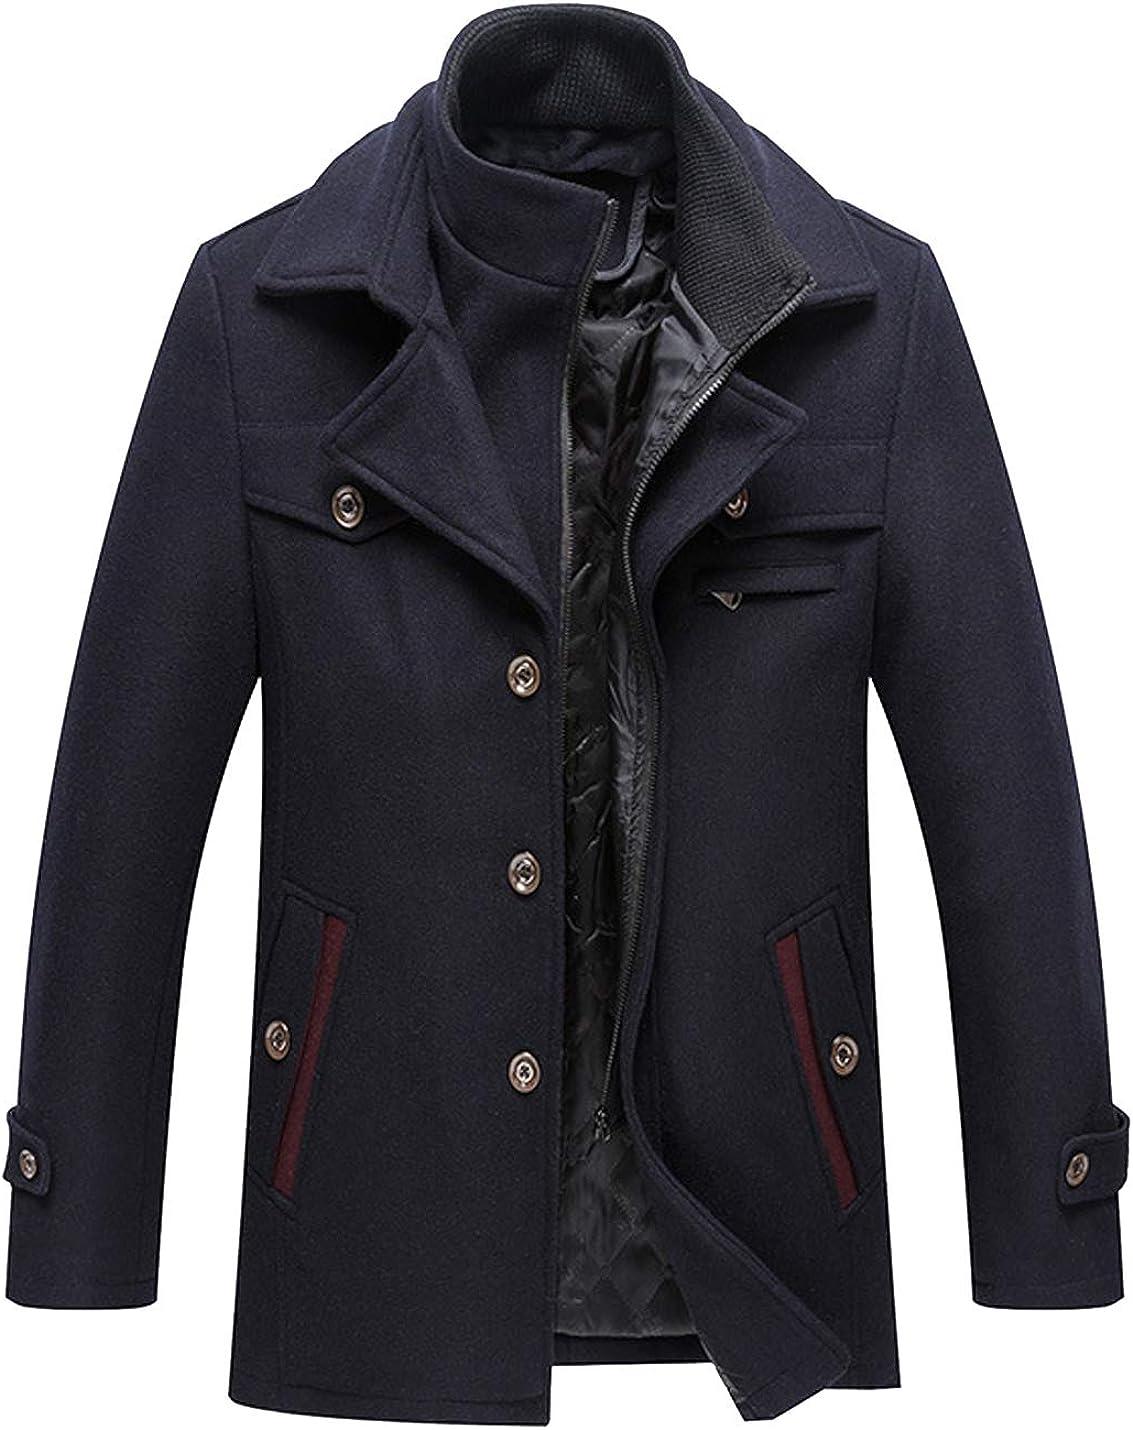 Liengoron Mens Casual Winter Removable Collar Heavyweight Wool Blend Walker Coats